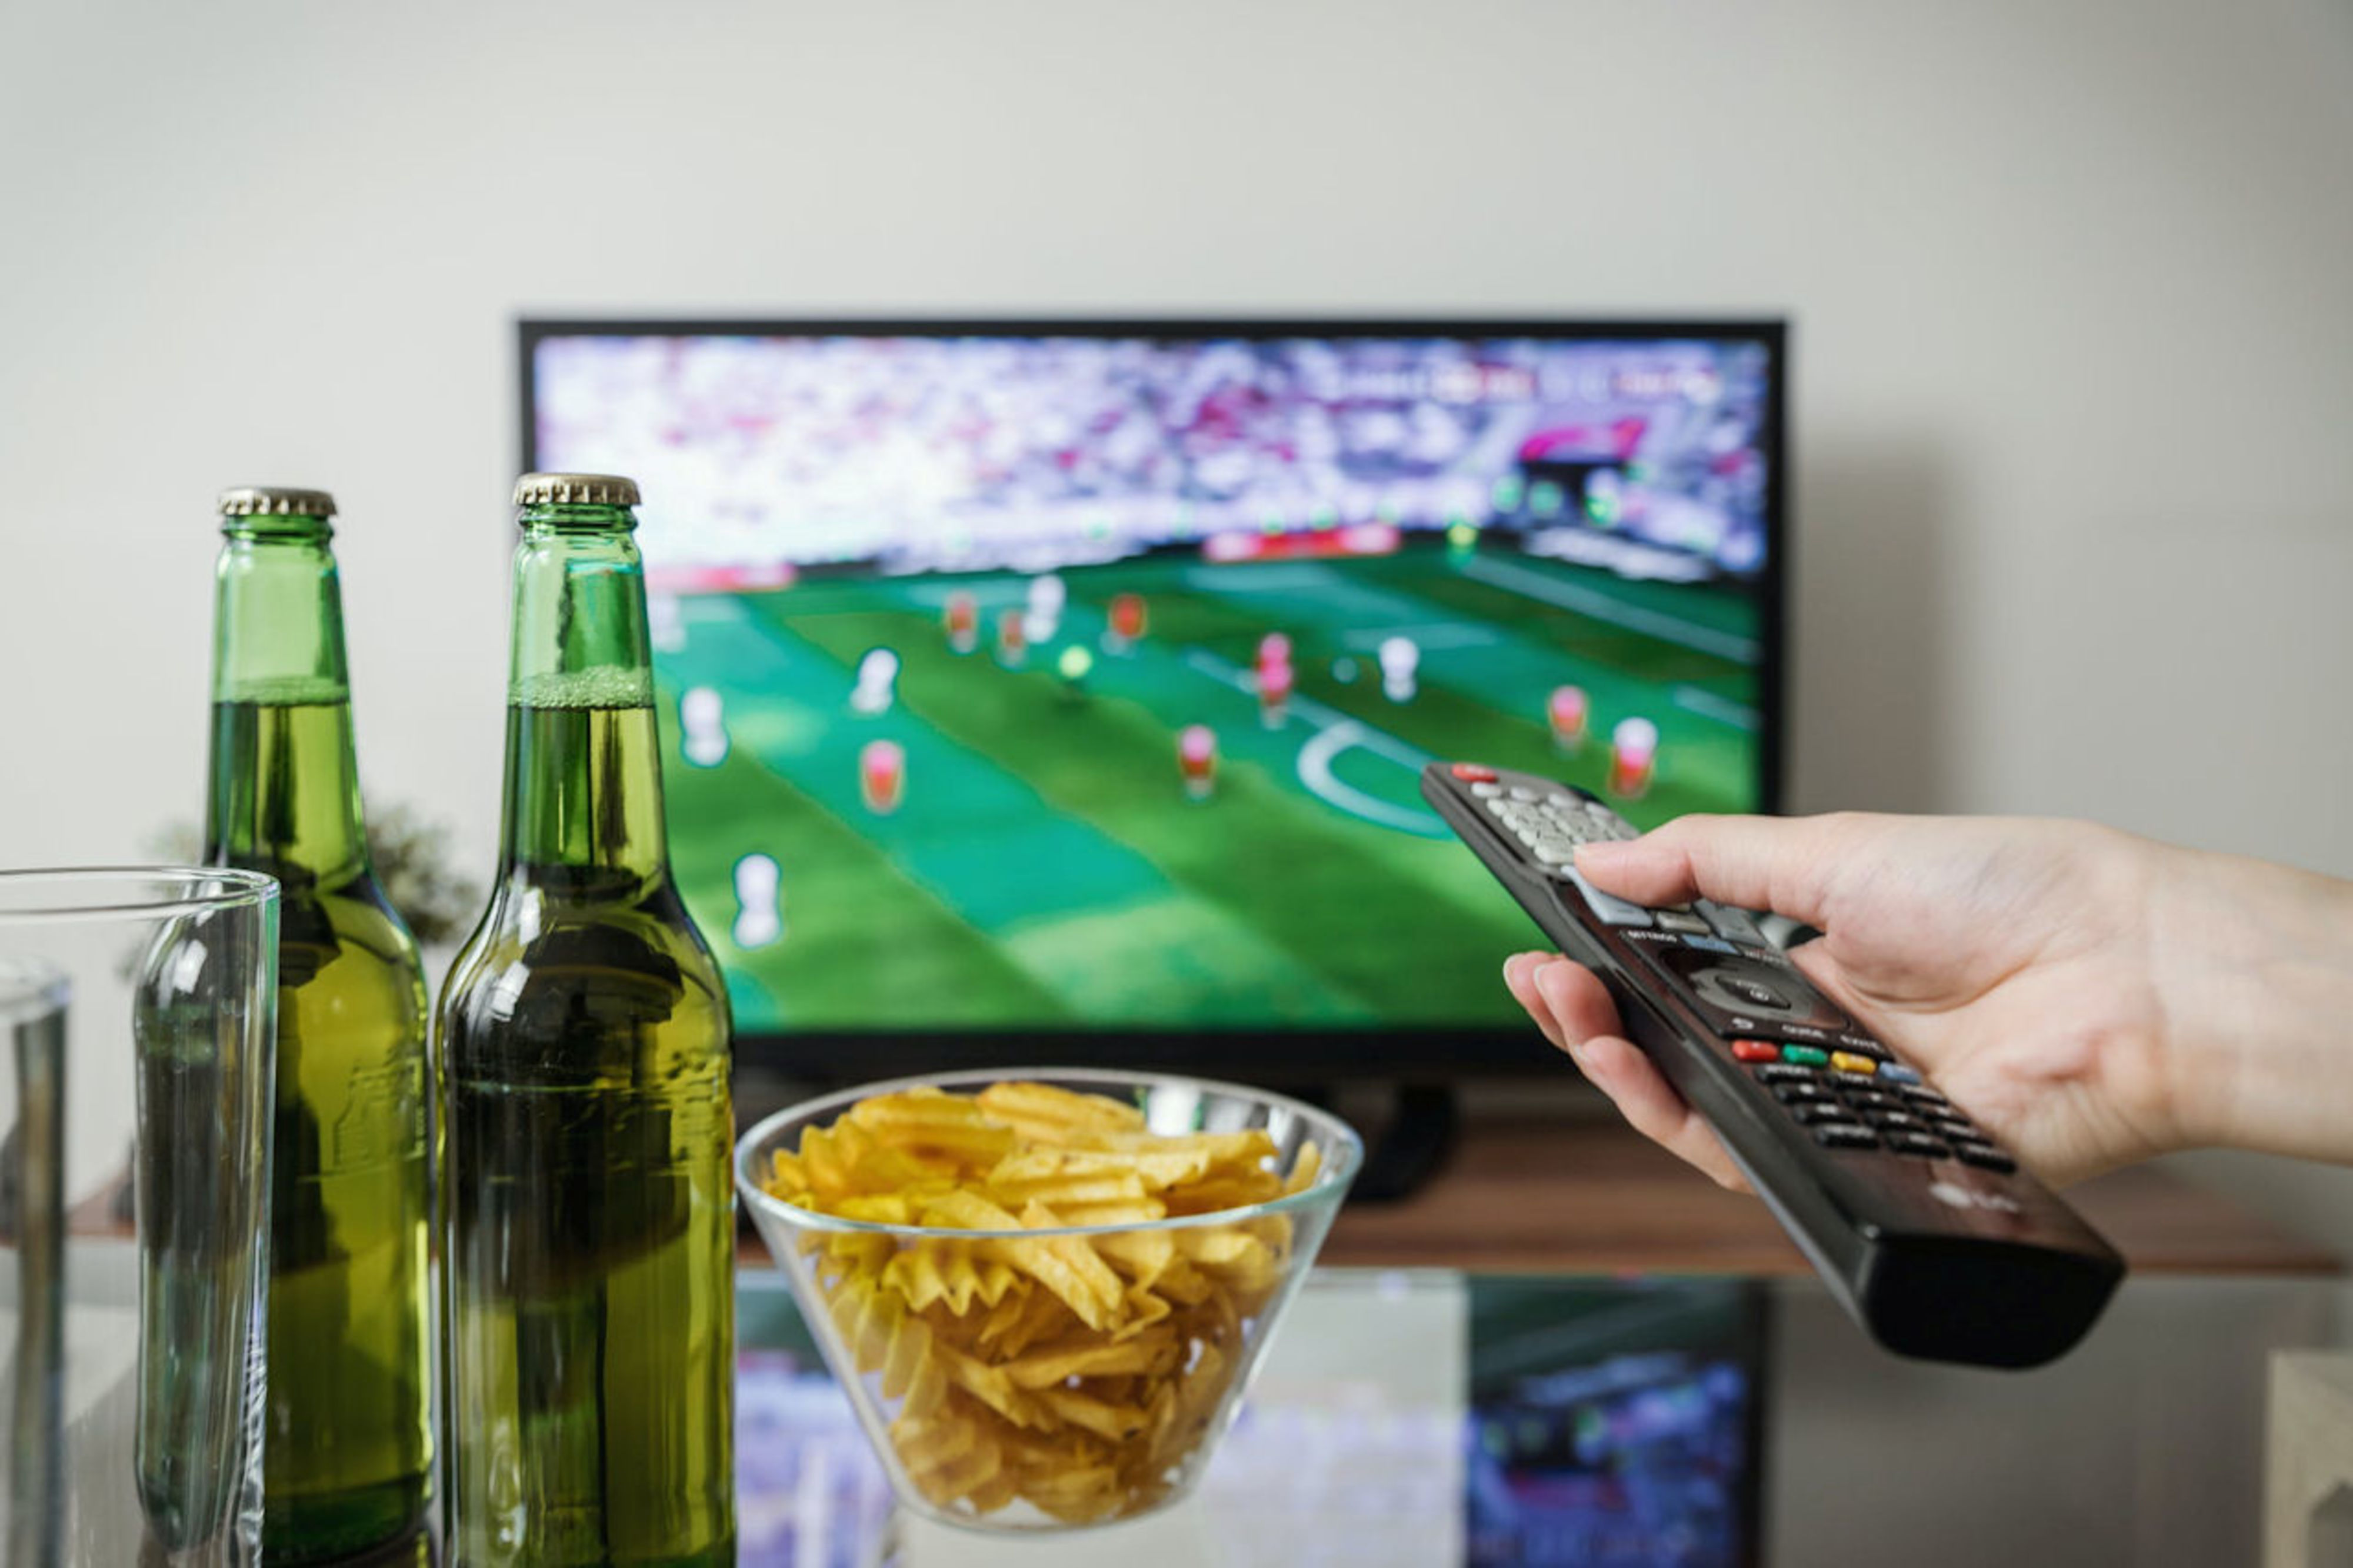 Voetbal kijken met vrienden